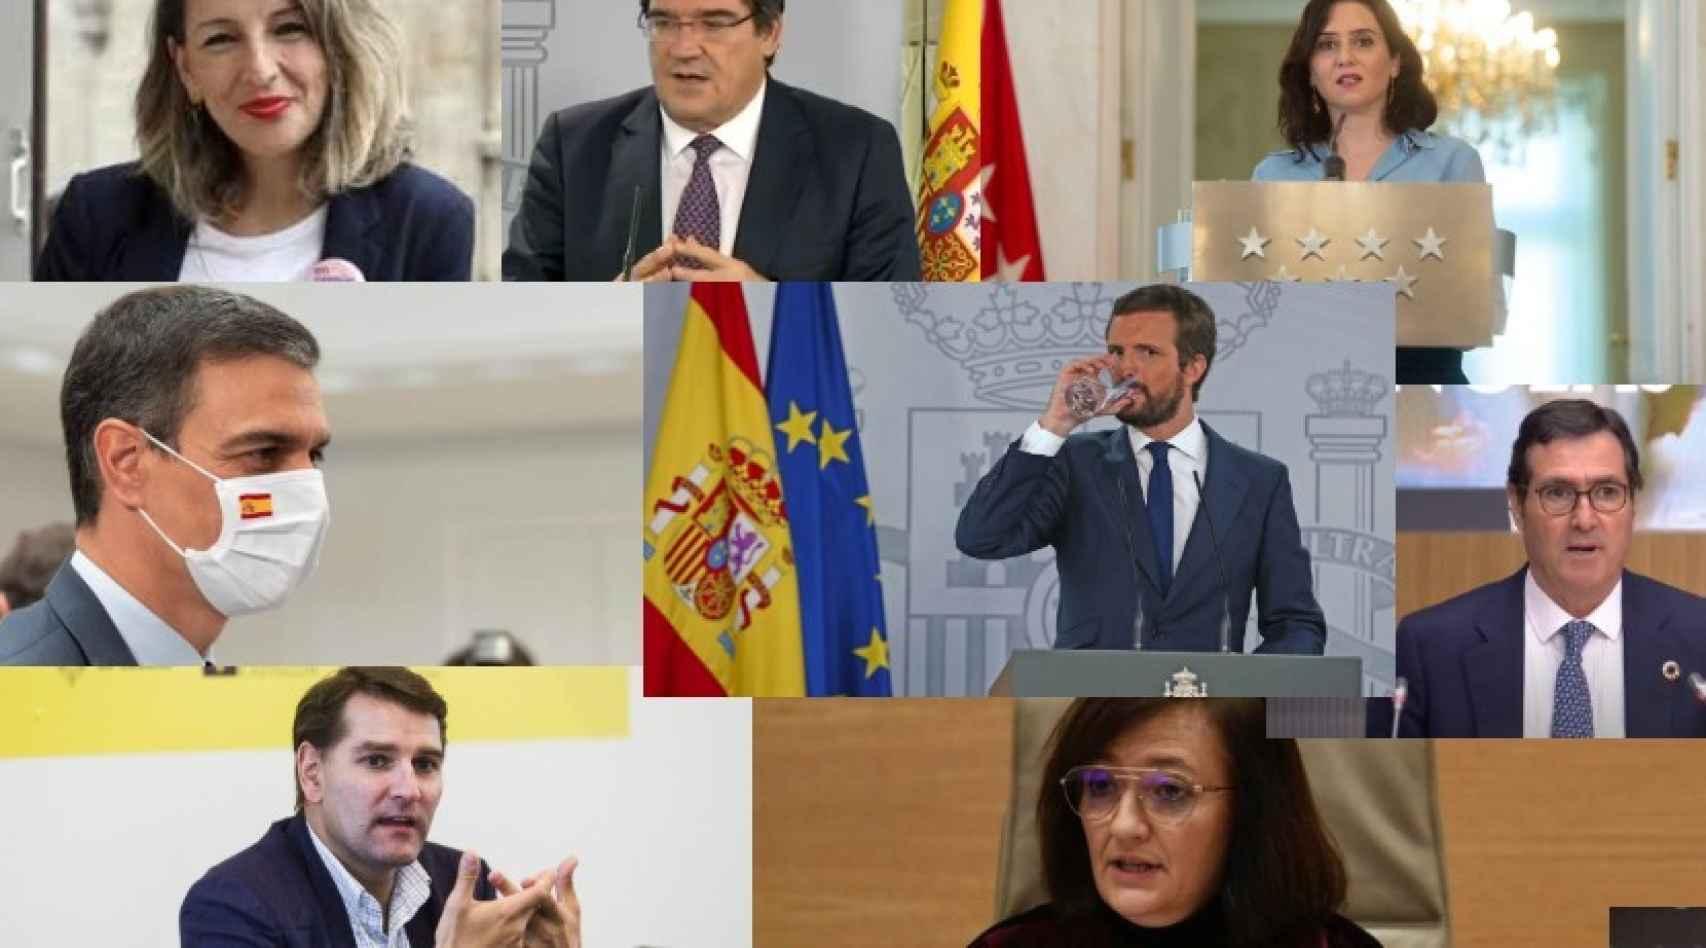 Yolanda Díaz, José Luis Escrivá, Isabel Díaz-Ayuso, Pedro Sánchez, Pablo Casado, Antonio Garamendi, Manuel de la Rocha y Cristina Herrero.